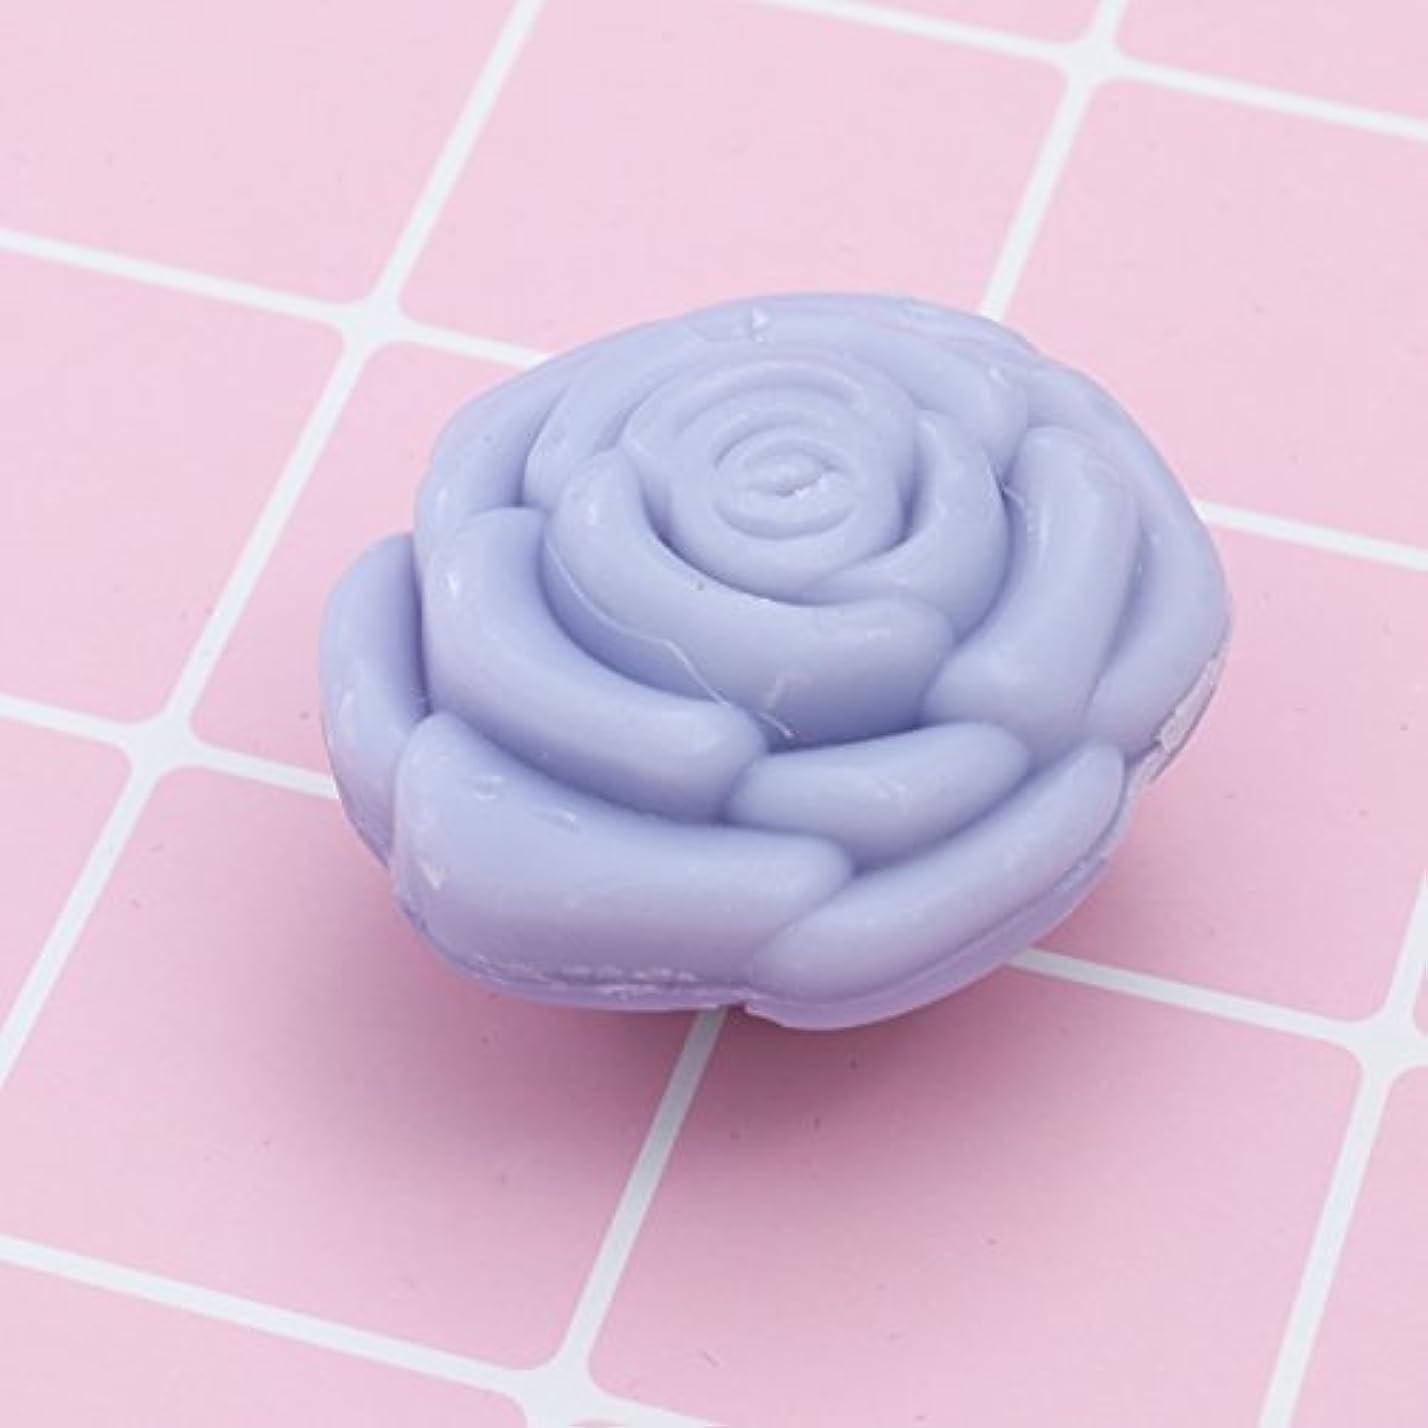 媒染剤化学者燃料Amosfun 手作り石鹸オイルローズフラワーソープアロマエッセンシャルオイルギフト記念日誕生日結婚式バレンタインデー(紫)20ピース